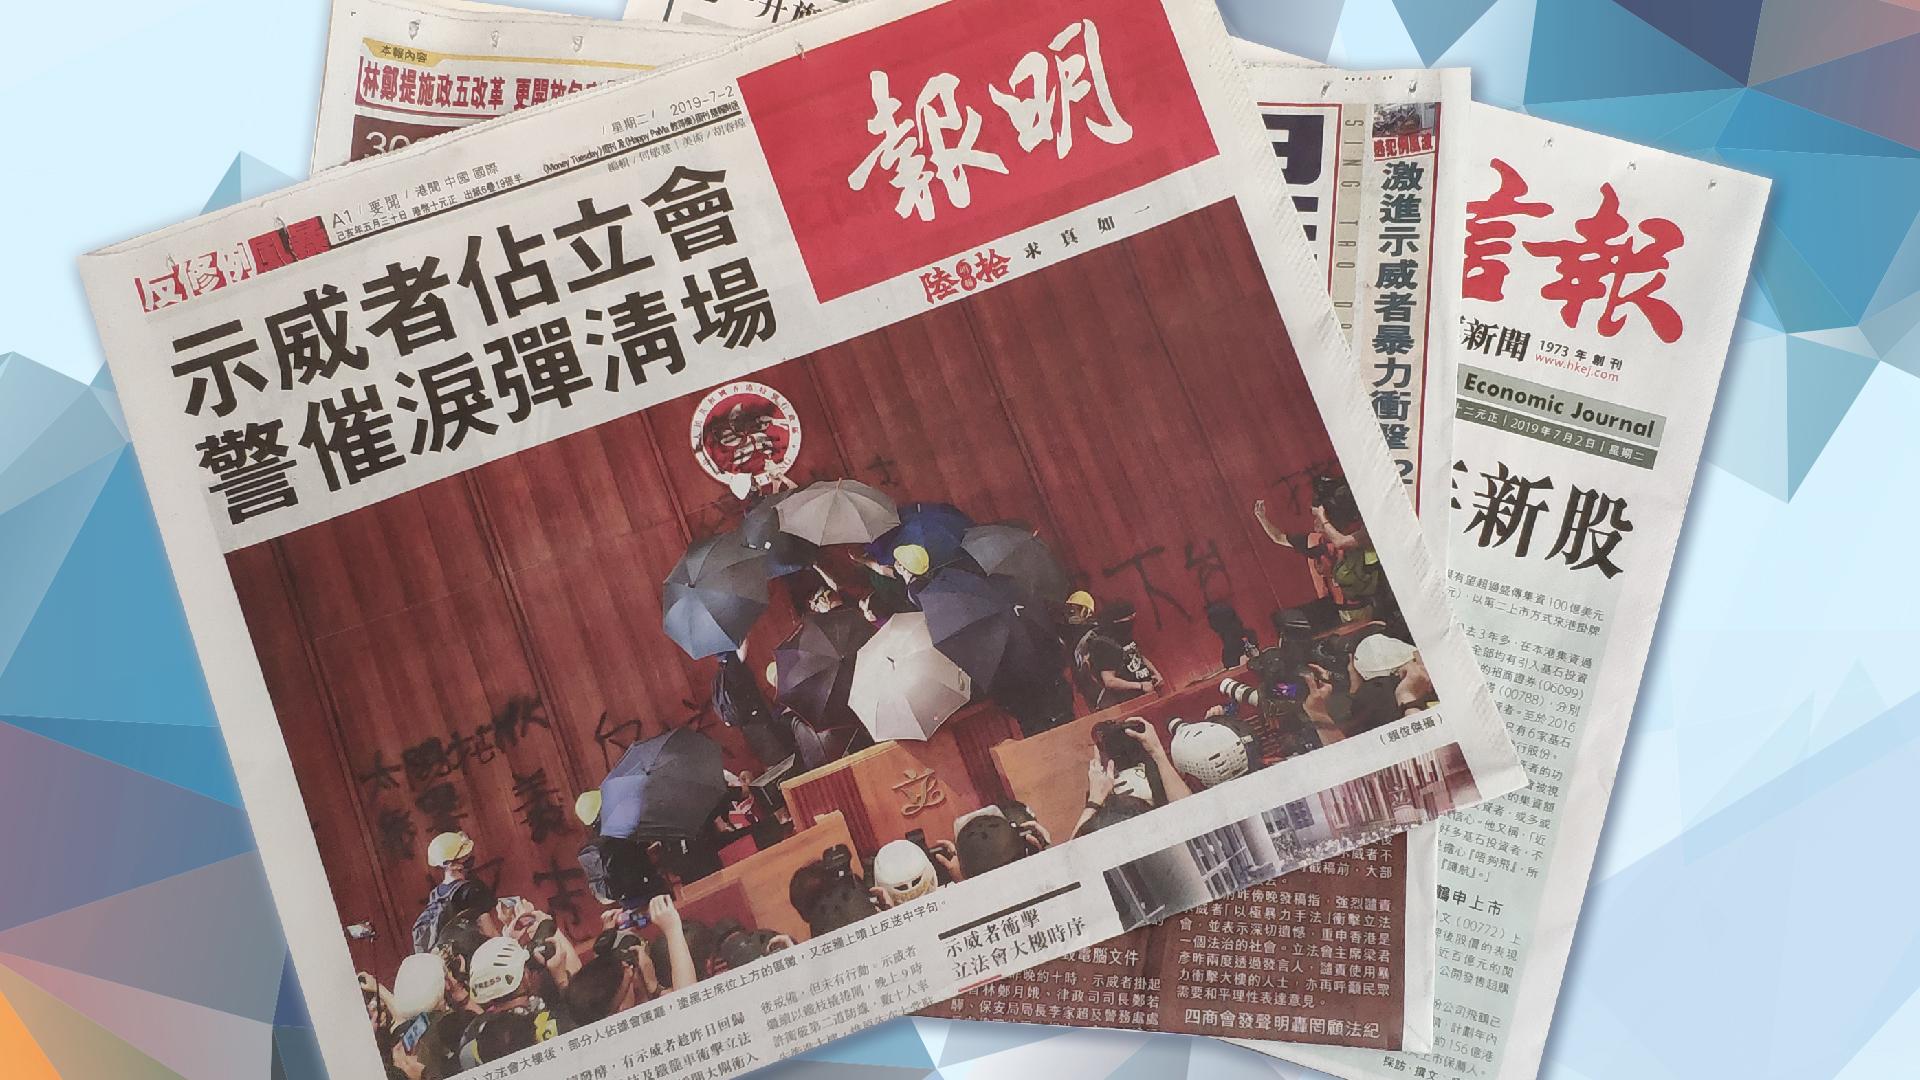 【報章A1速覽】示威者佔立會 警催淚彈清場;百威擬籌858億 冠絕今年新股